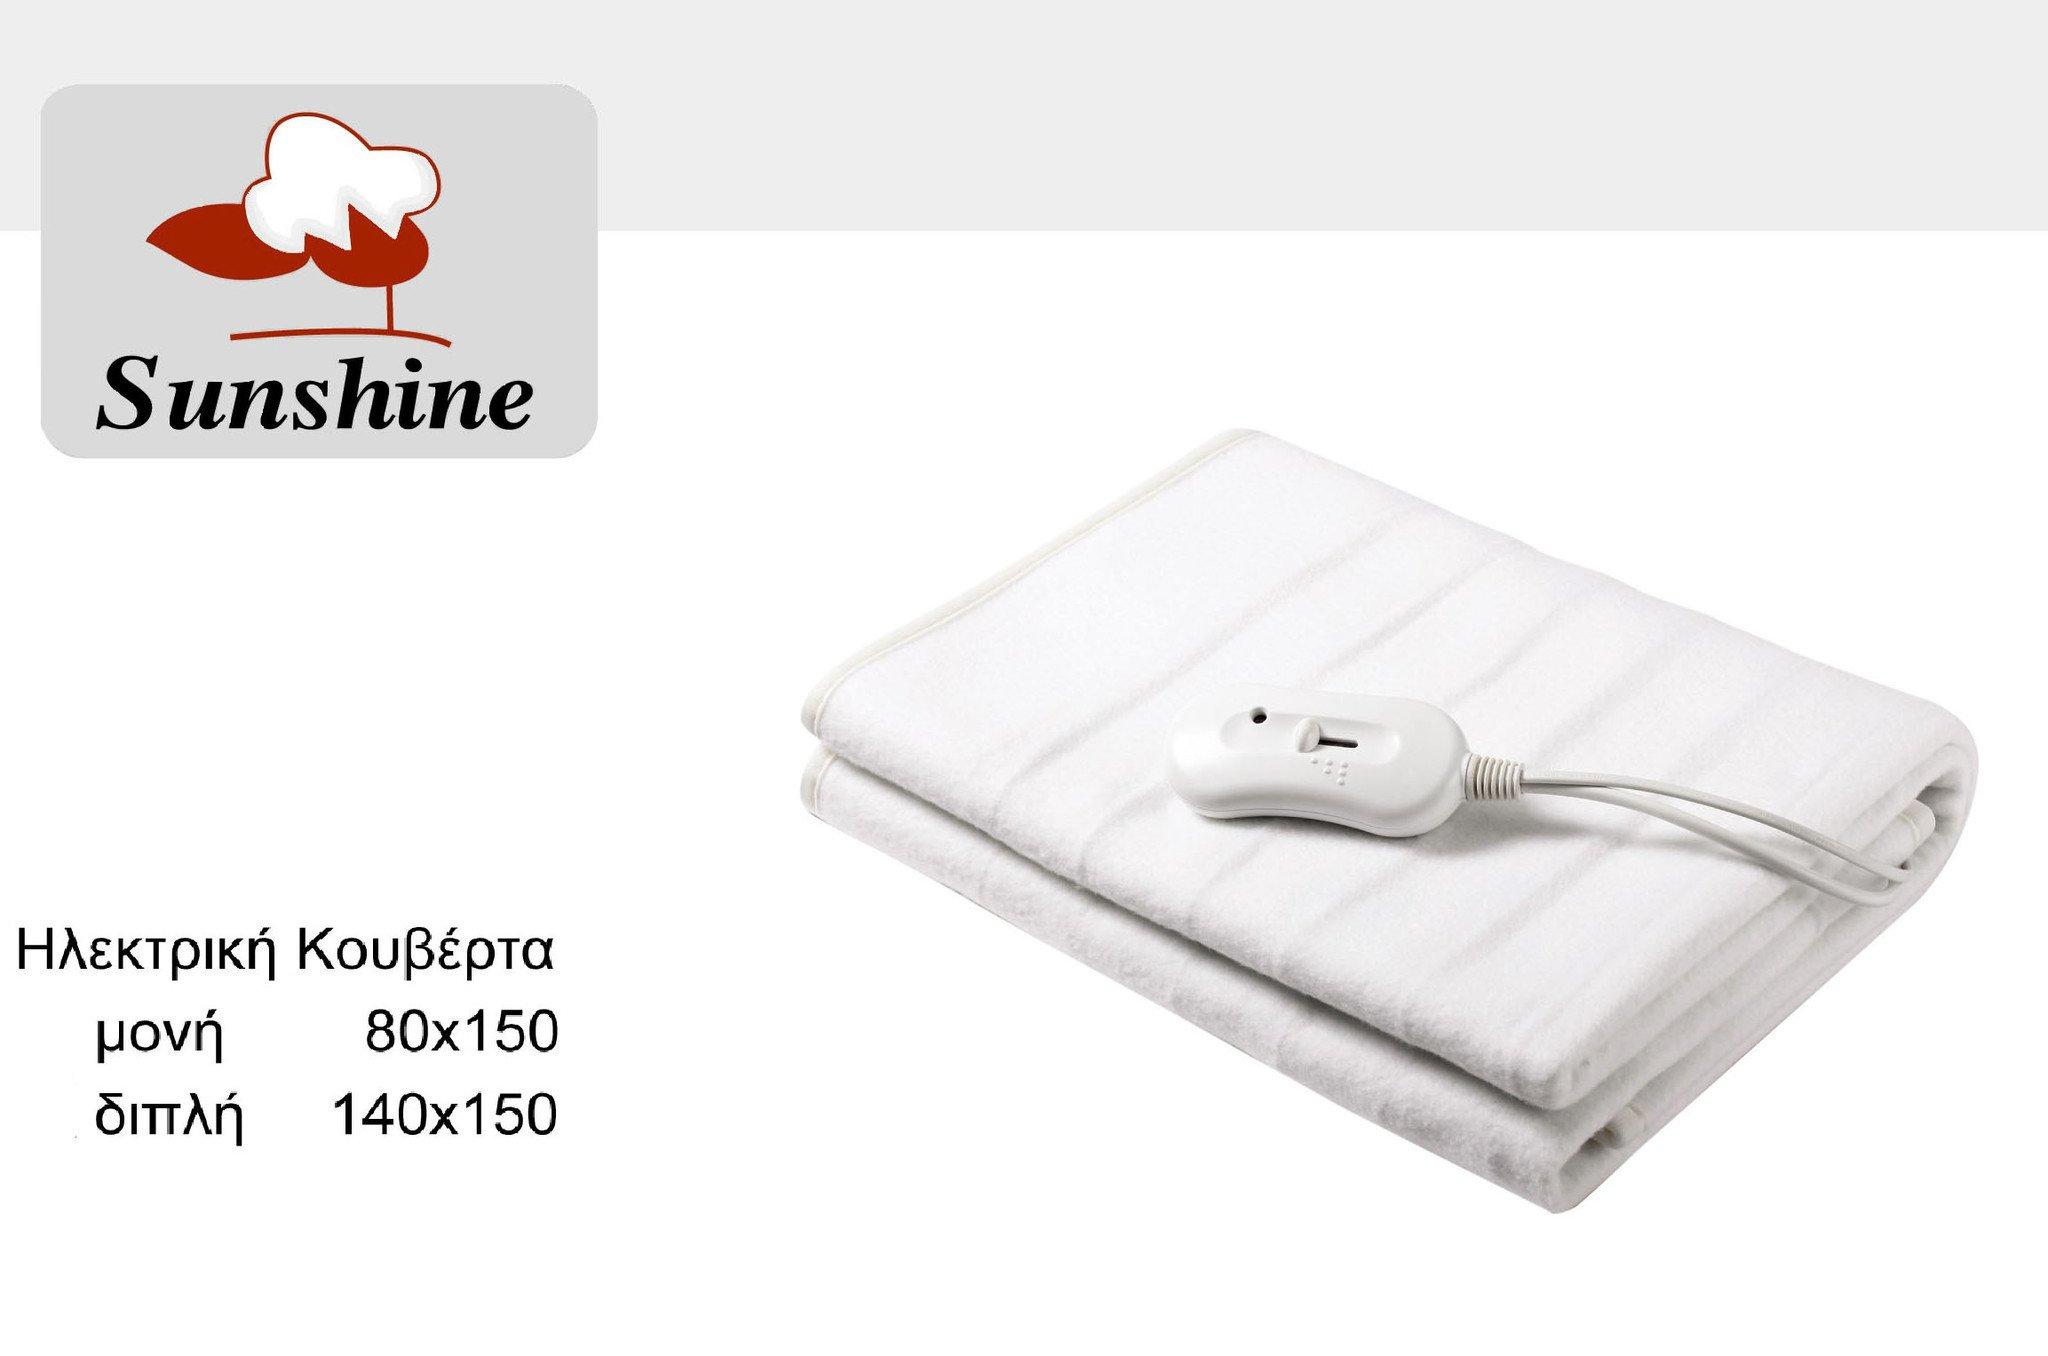 Ηλεκτρική κουβέρτα Sunshine-Μονή 80x150 λευκά είδη υπνοδωμάτιο ηλεκτρικές κουβέρτες ηλεκτρικές κουβέρτες μονές